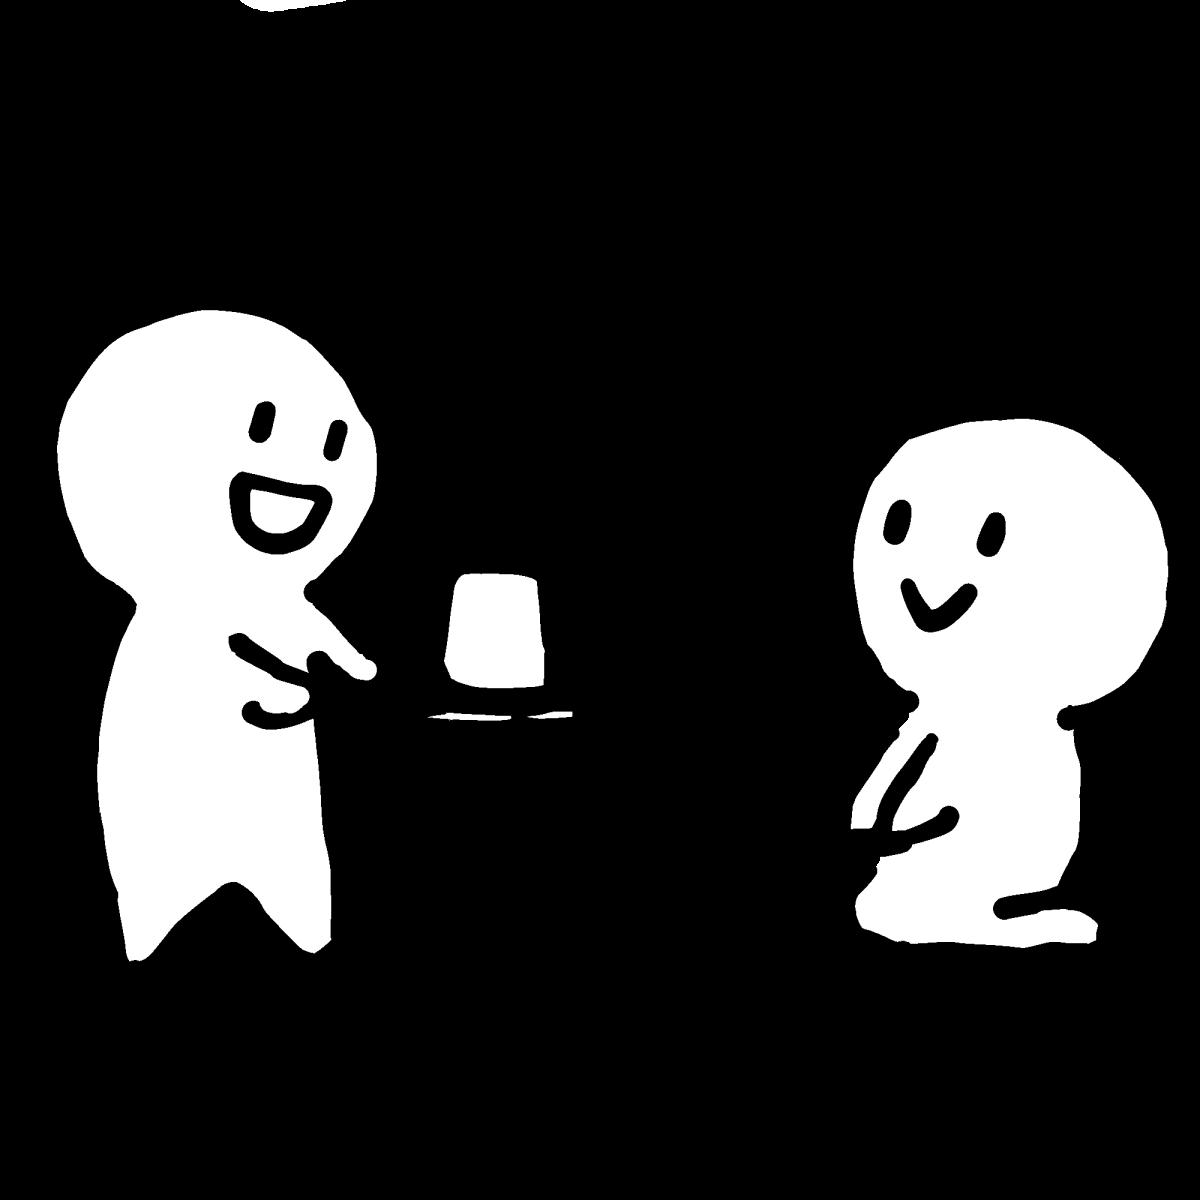 お茶でおもてなしのイラスト / Hospitalize with tea Illustration